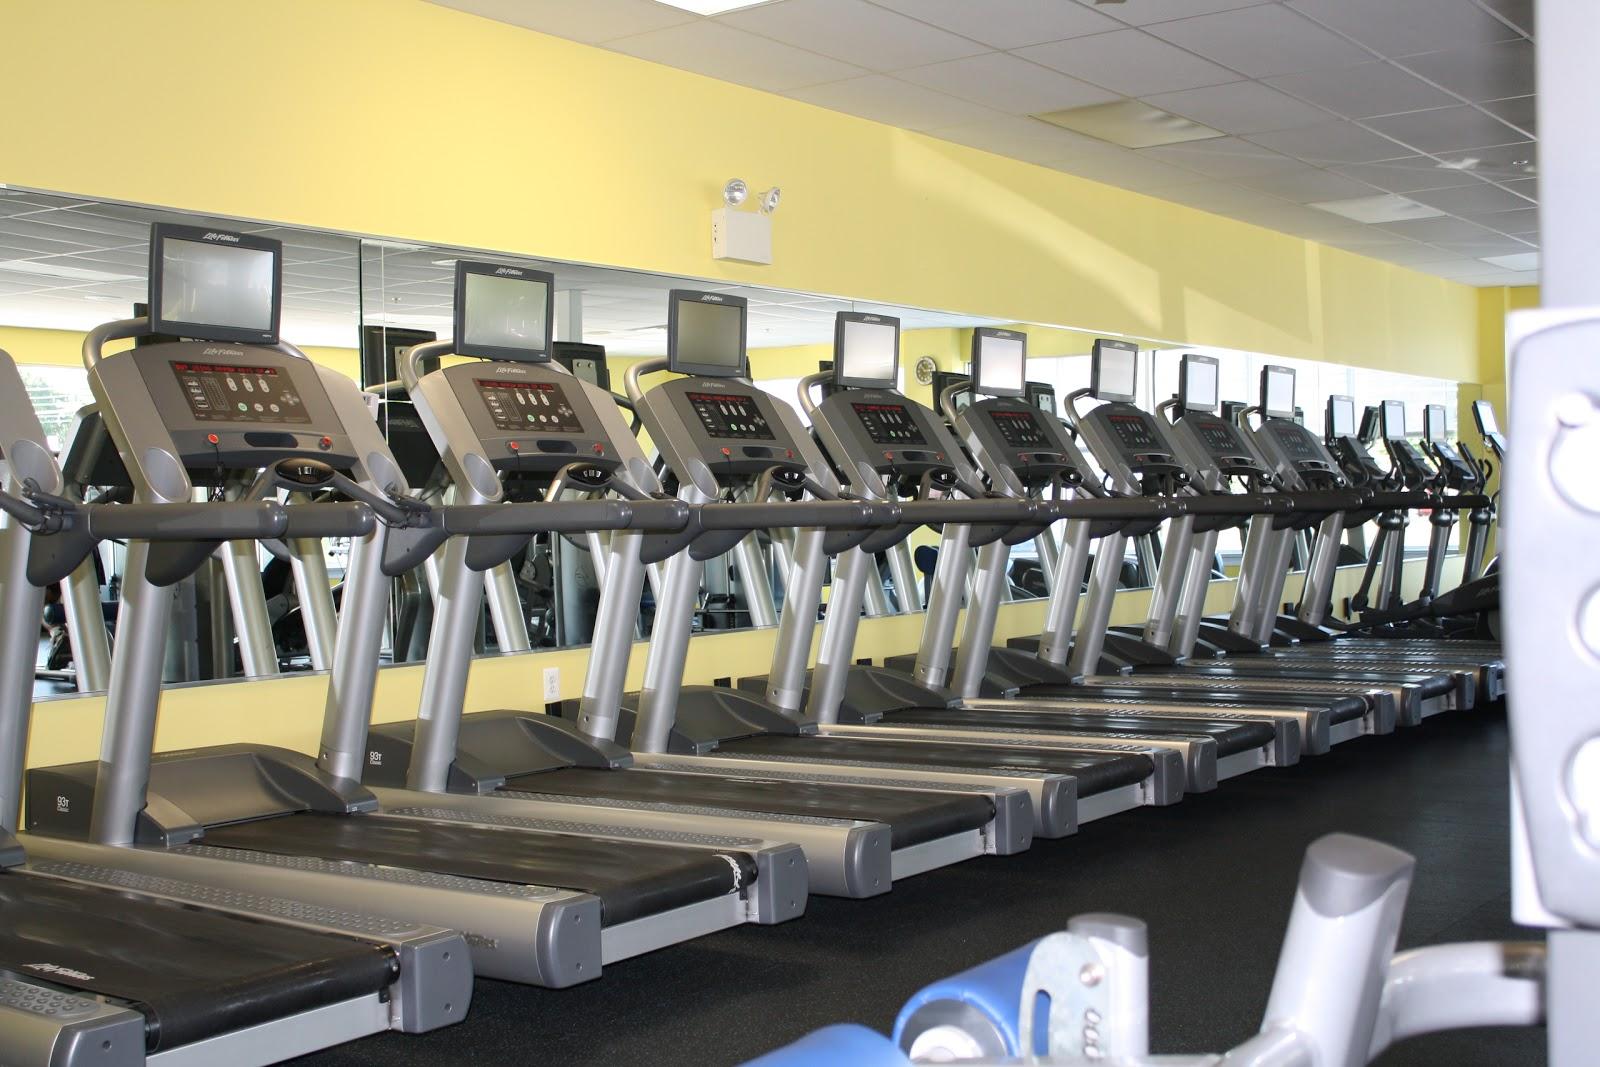 http://4.bp.blogspot.com/-OHd_Ac20JJ4/T39PsnHA5YI/AAAAAAAABPc/iPlfGCLjVA4/s1600/Treadmills+2.jpg